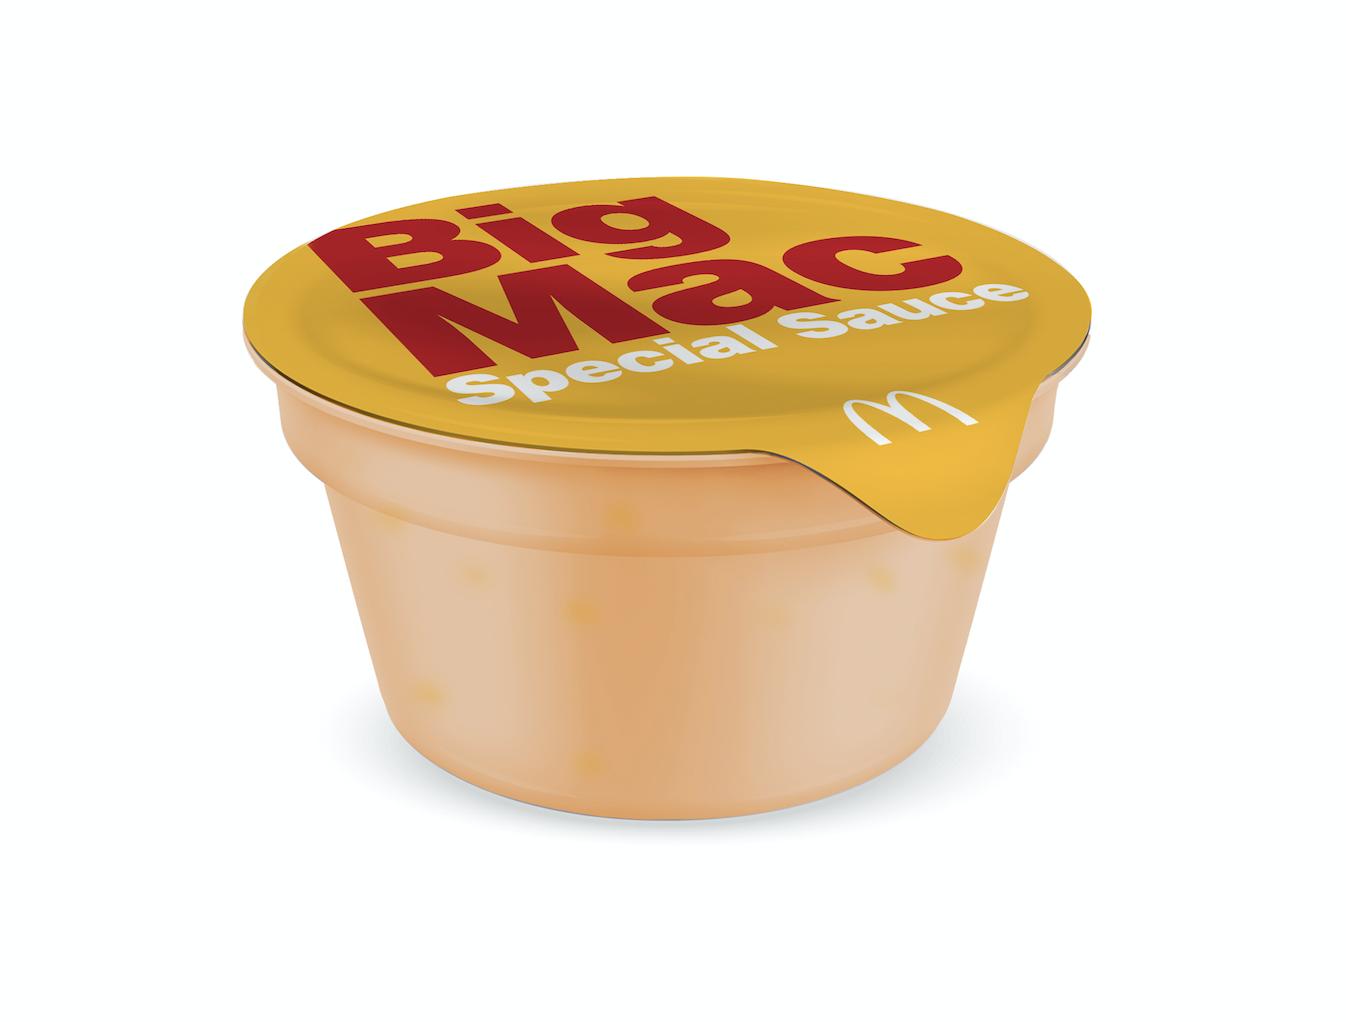 Big Mac sauce